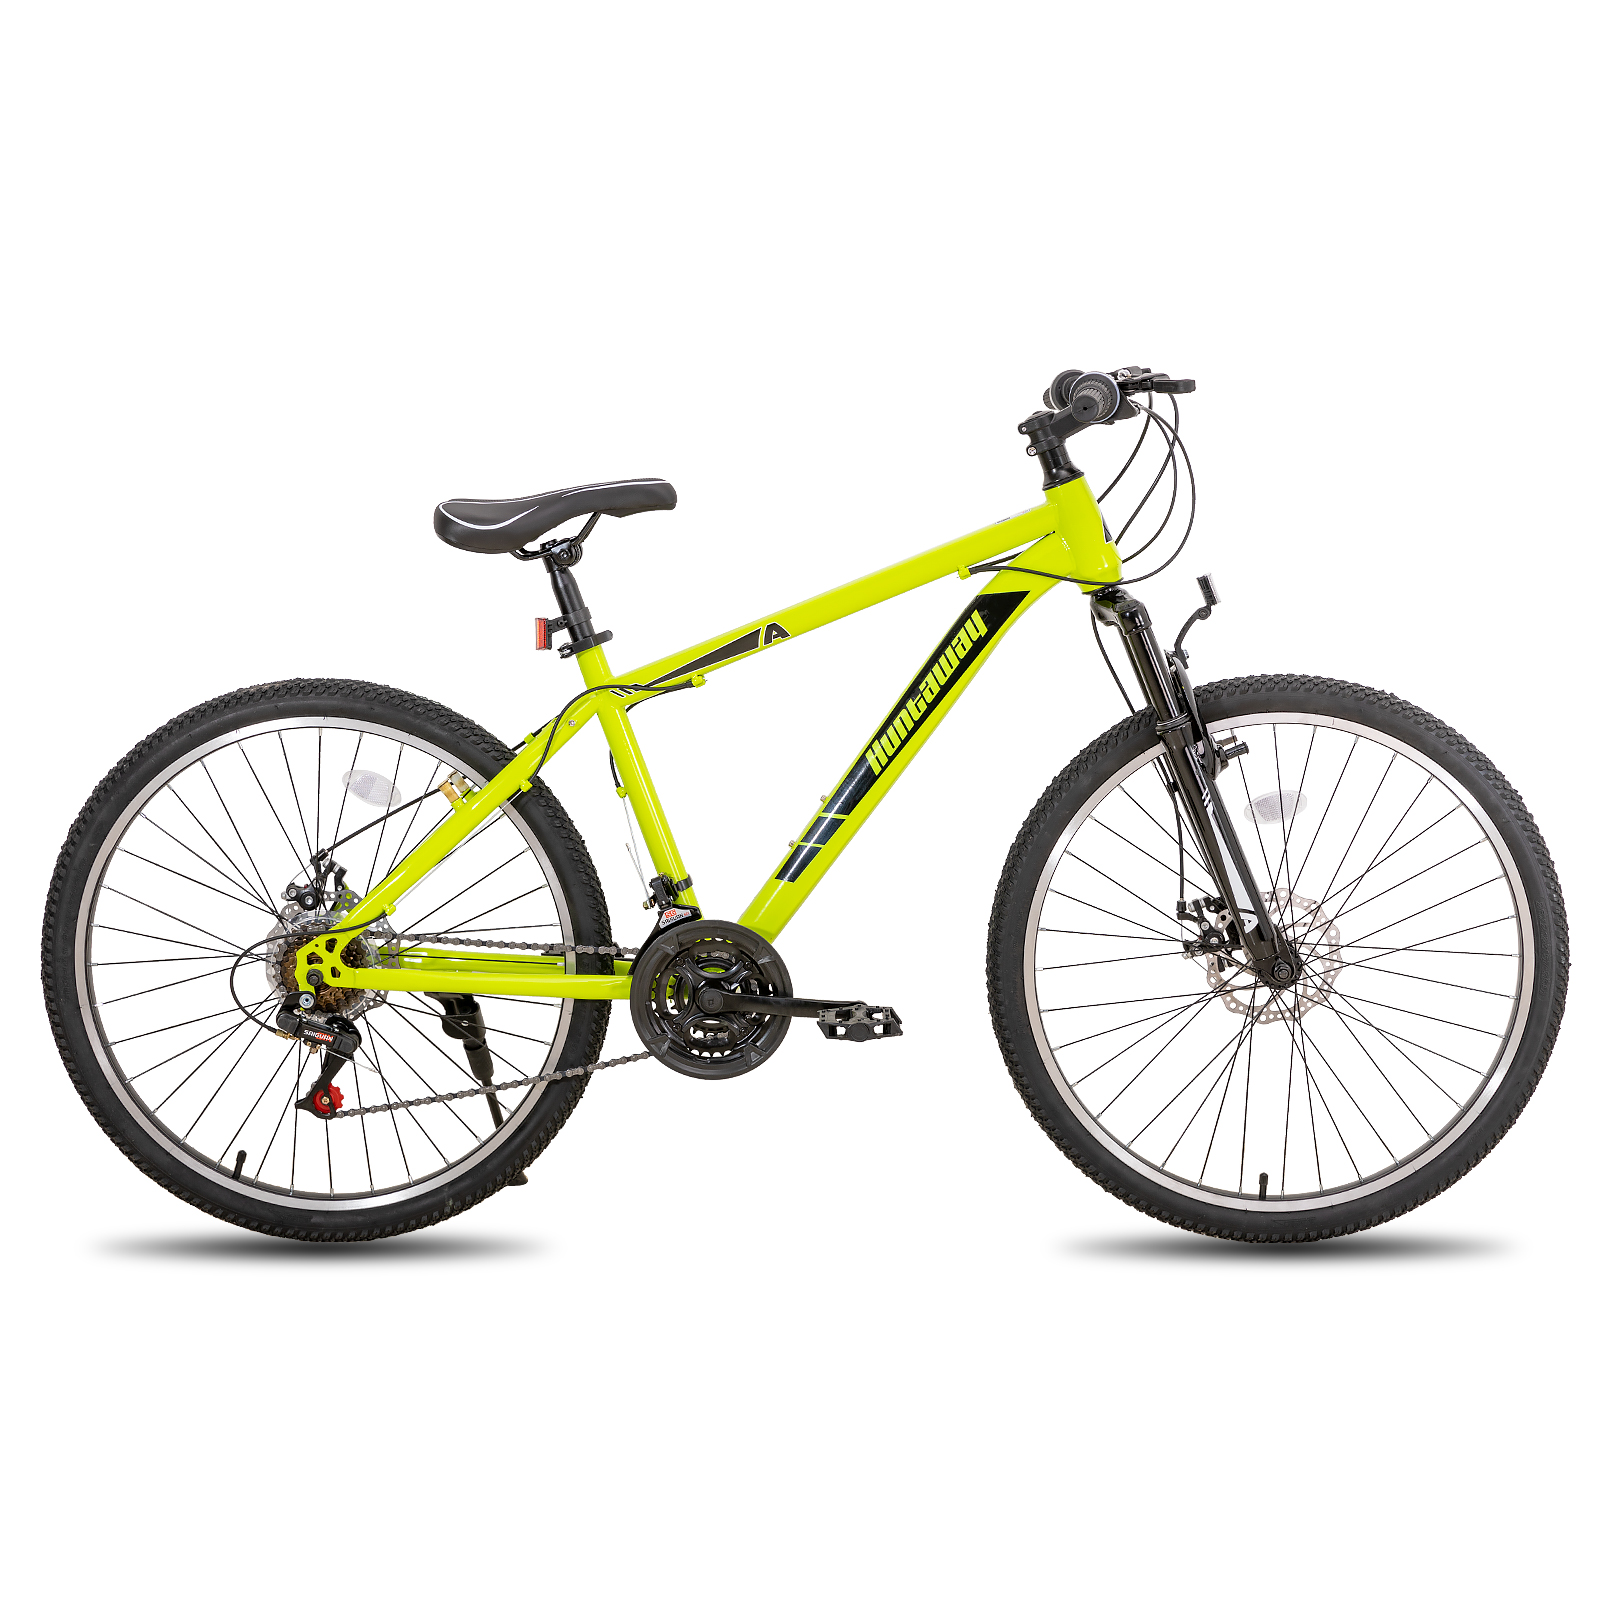 26 дюймов 21 скорость дисковые тормоза и V-тормоза на горном велосипеде городской велосипед горный велосипед с механическими кнопками шины CST